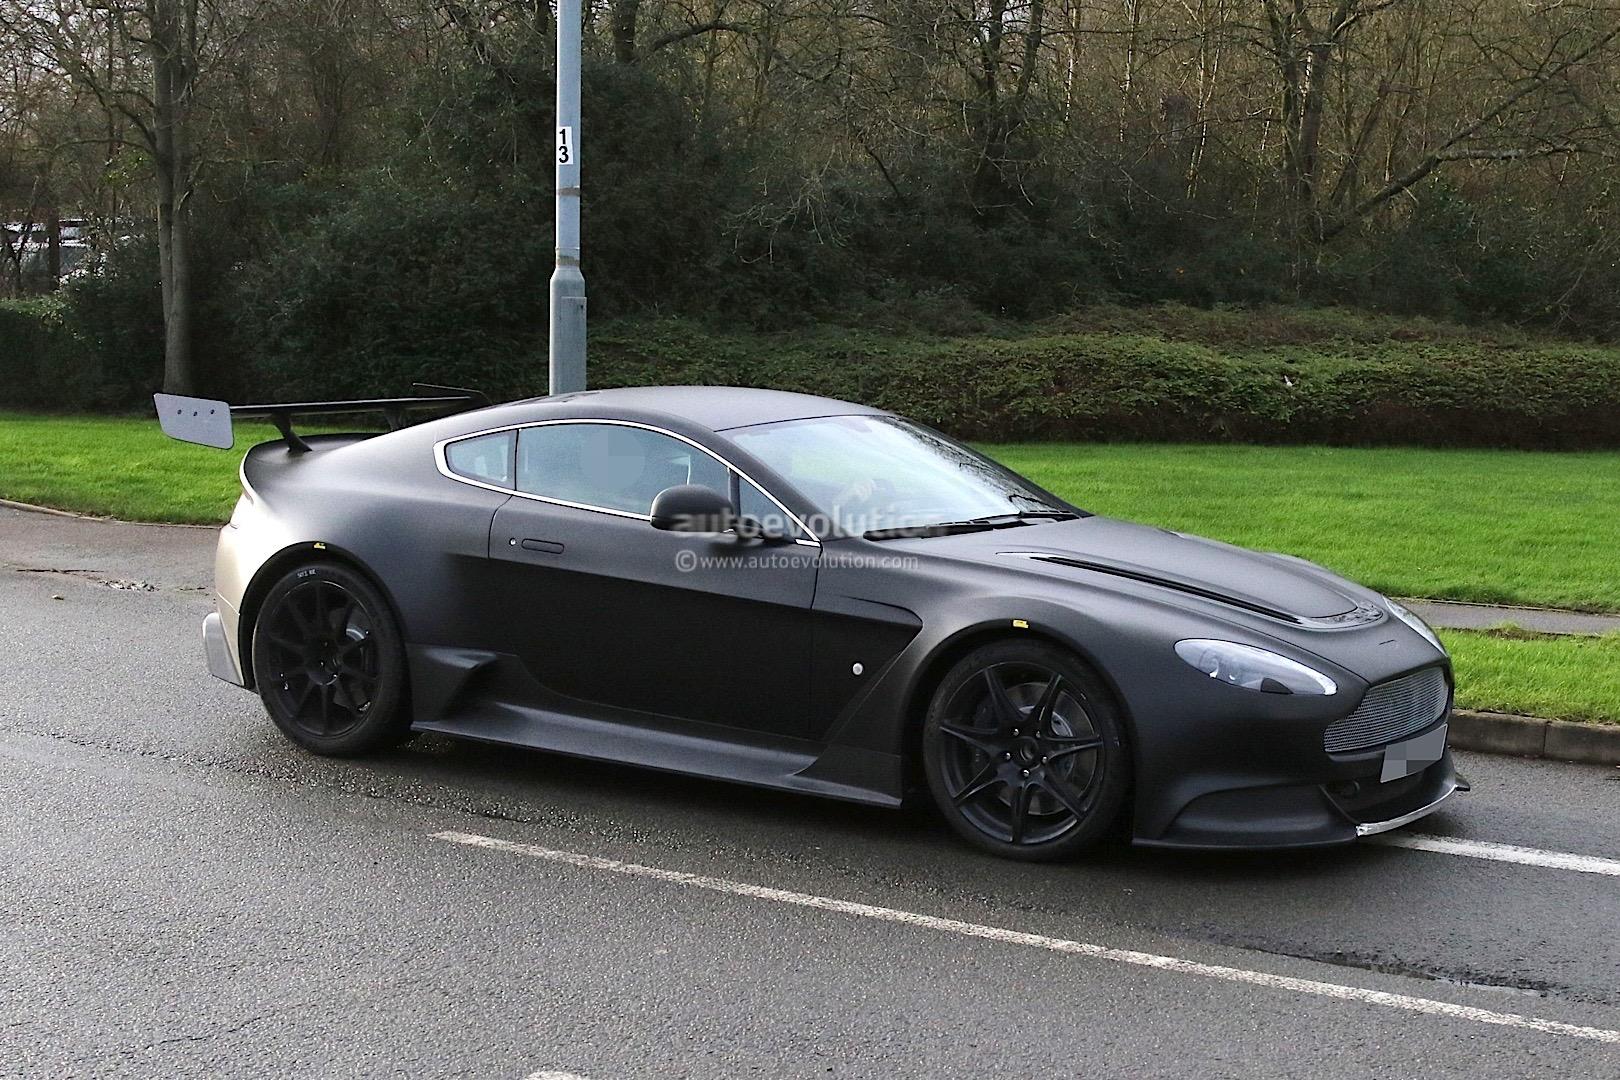 2017 Aston Martin Vantage Gt8 Spied Looks Hardcore Autoevolution